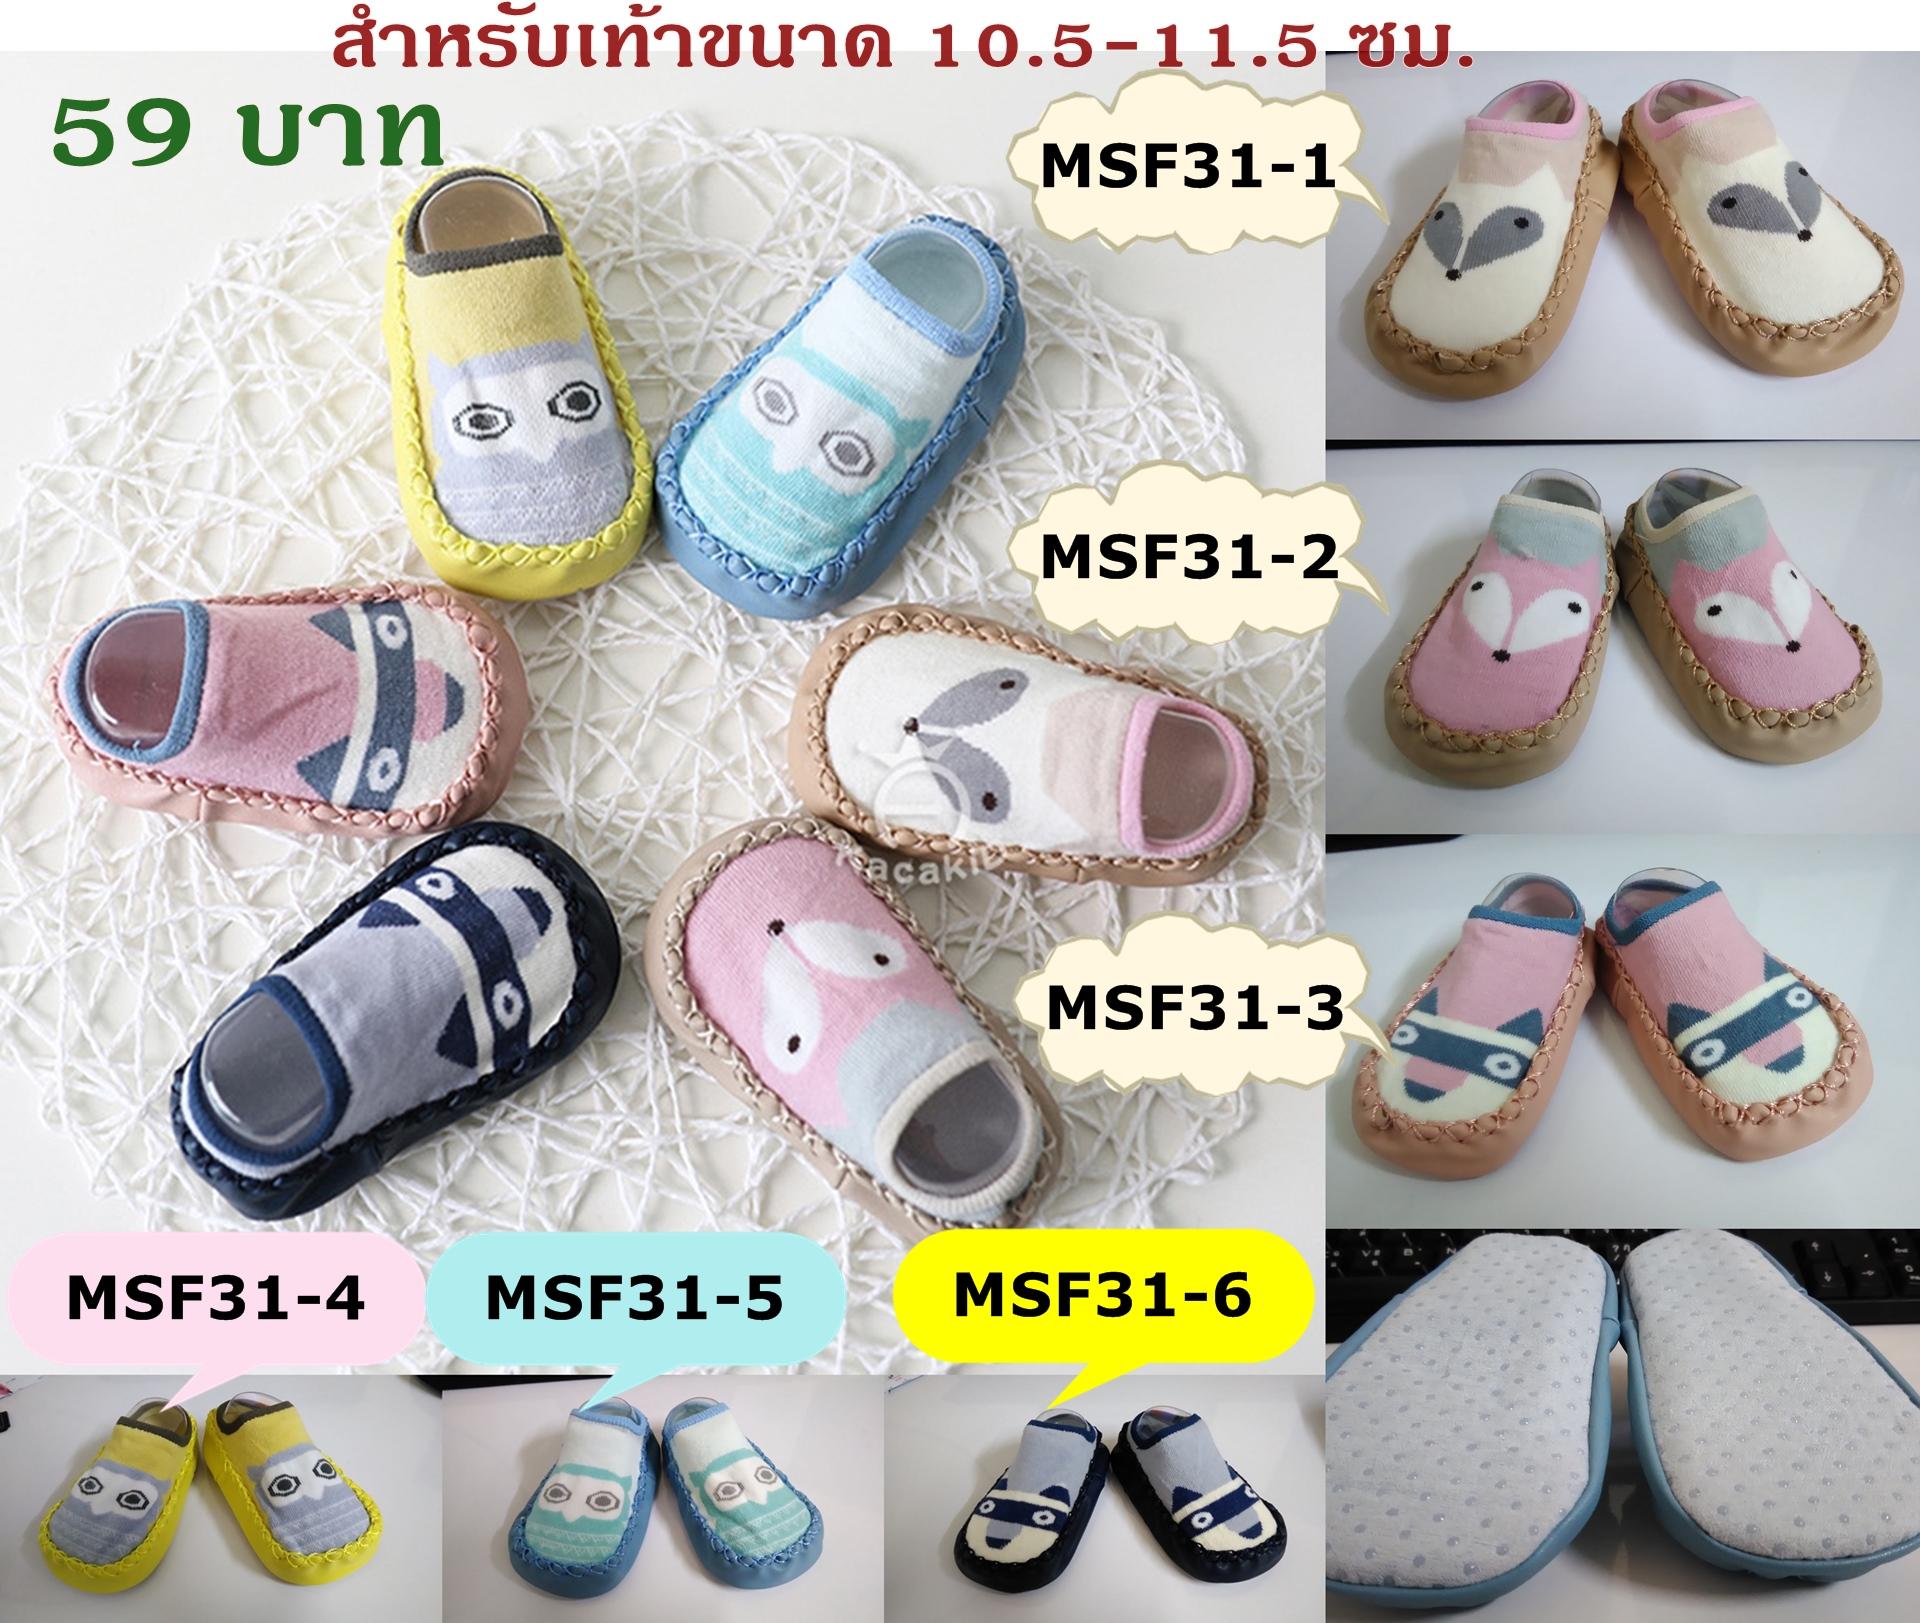 ถุงเท้ากันลื่นไซส์ 10.5-11.5 ซม. MSF31